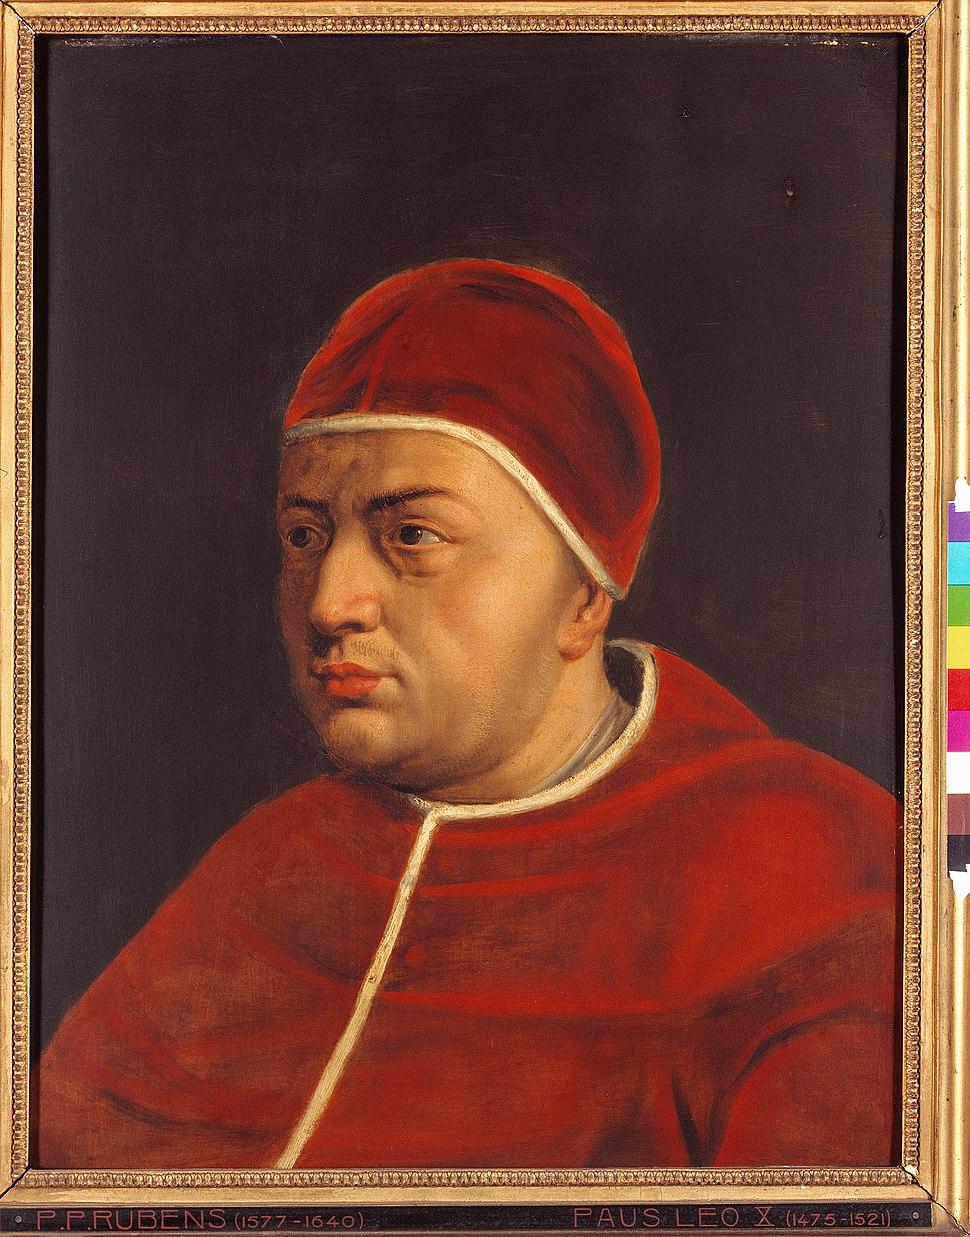 Leo X Rubens